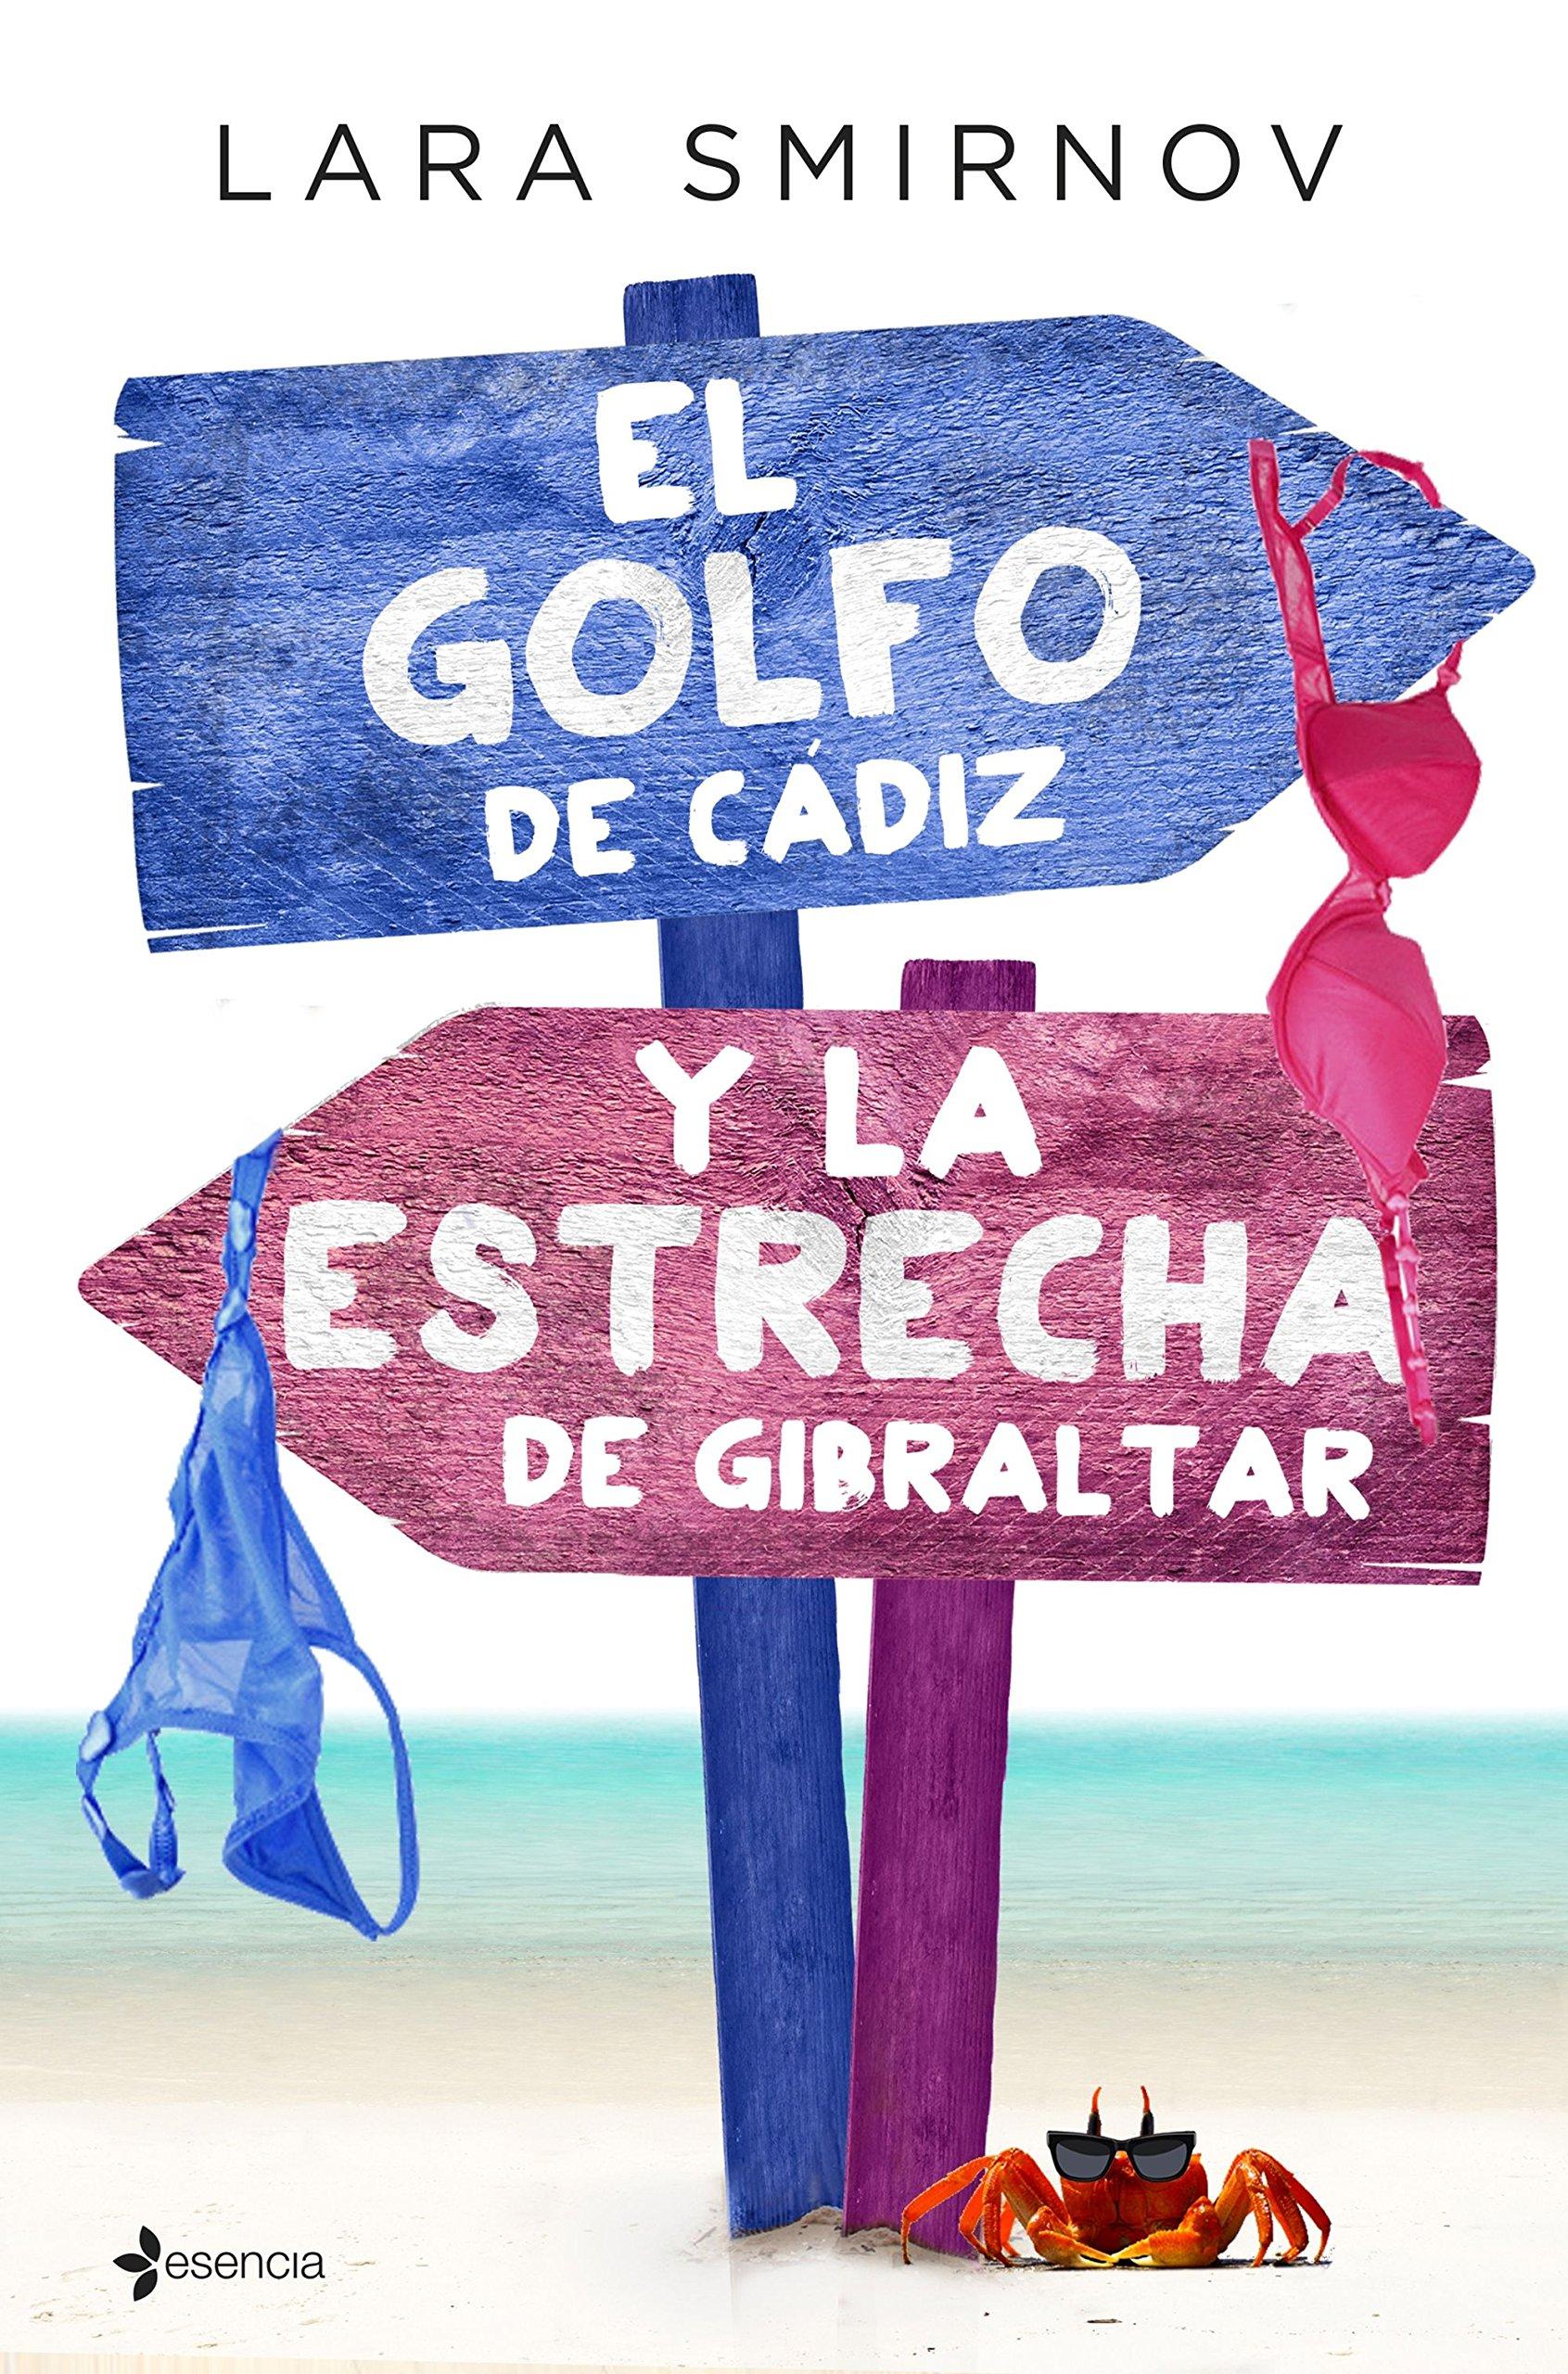 El Golfo de Cádiz y la Estrecha de Gibraltar Comedia erótica: Amazon.es: Smirnov, Lara: Libros